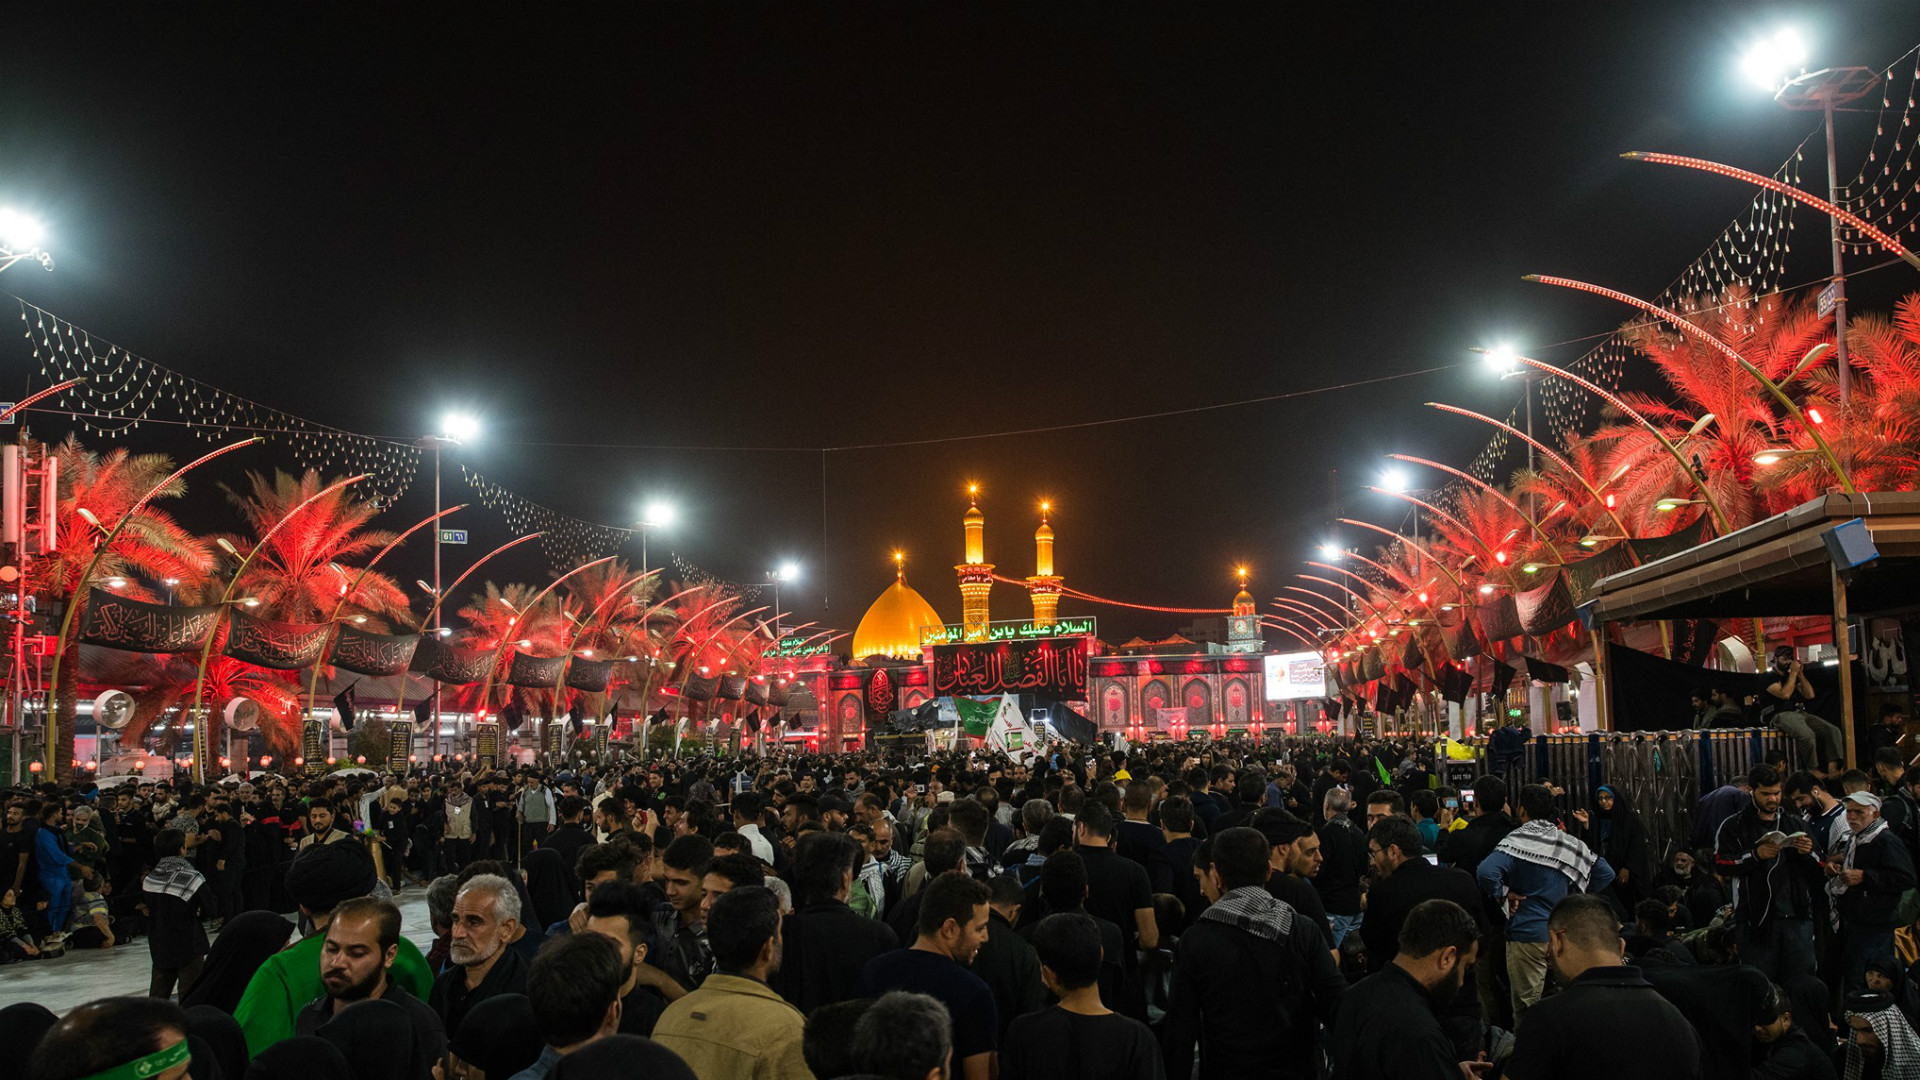 مئات الآلاف من الزوار العرب والأجانب يشاركون في إحياء ذكرى عاشوراء